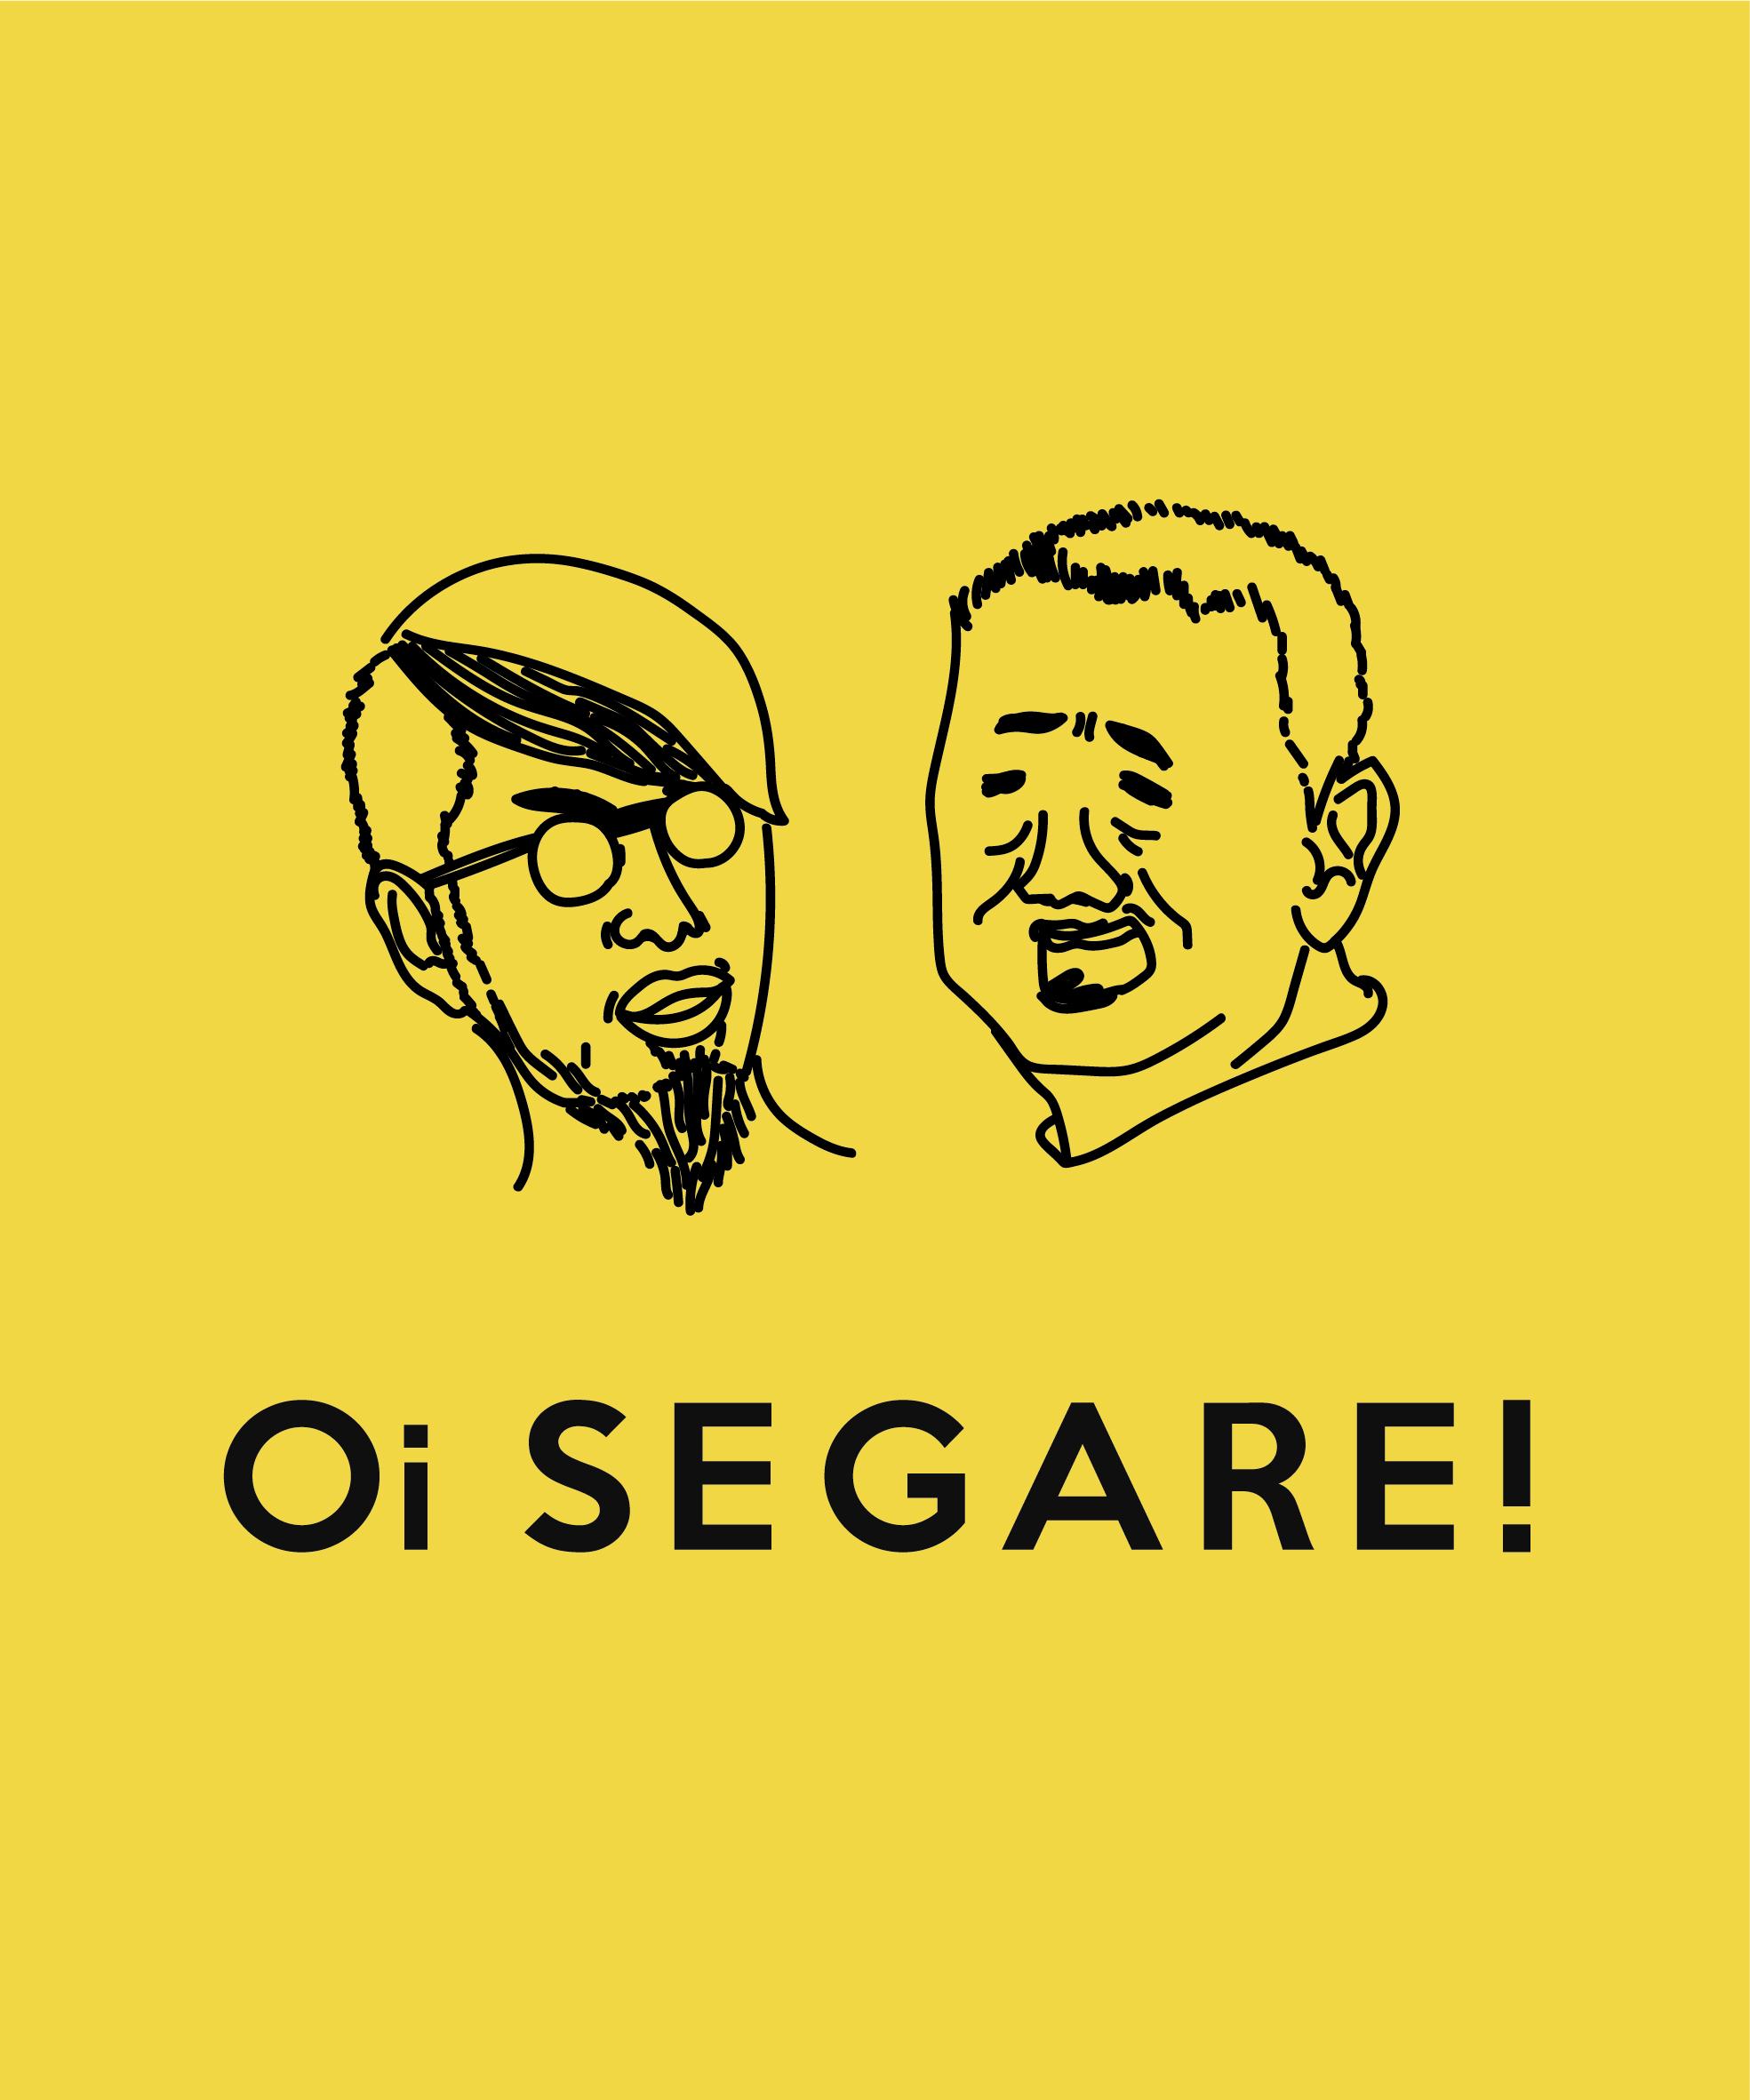 『Oi SEGARE!』メインデザイン